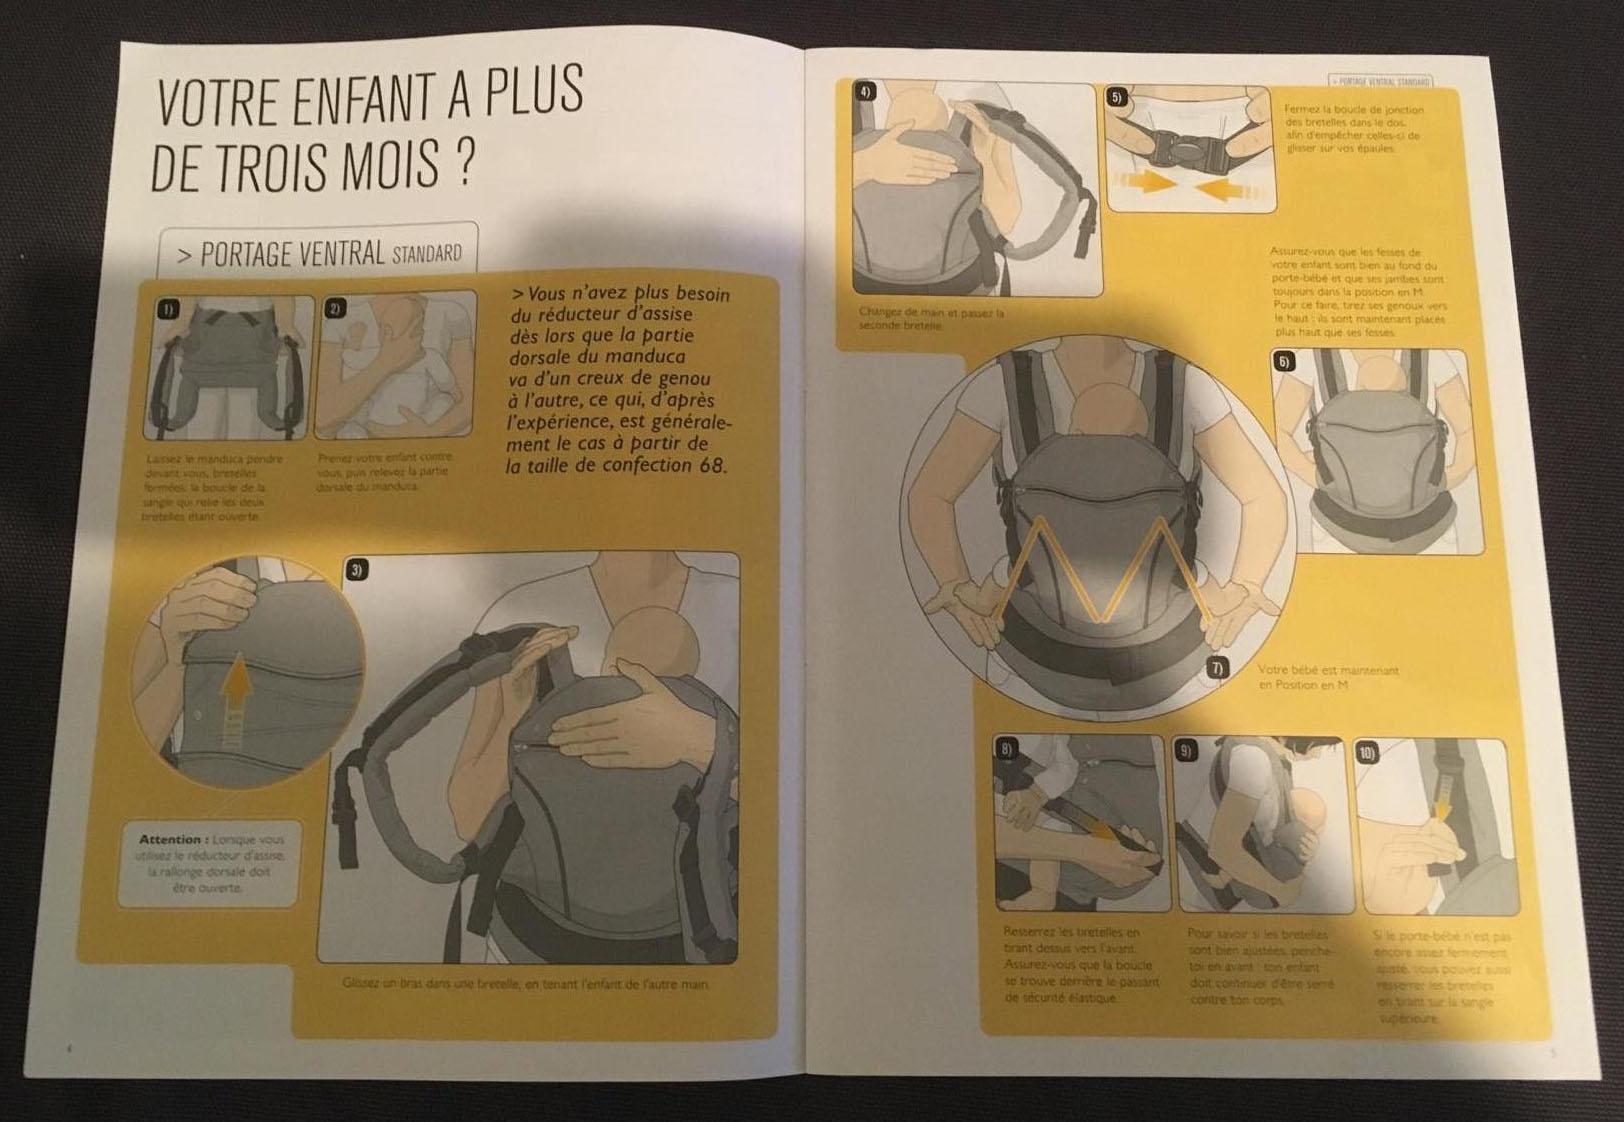 Archives des En balade - Page 3 sur 4 - Les chuchotements d ...